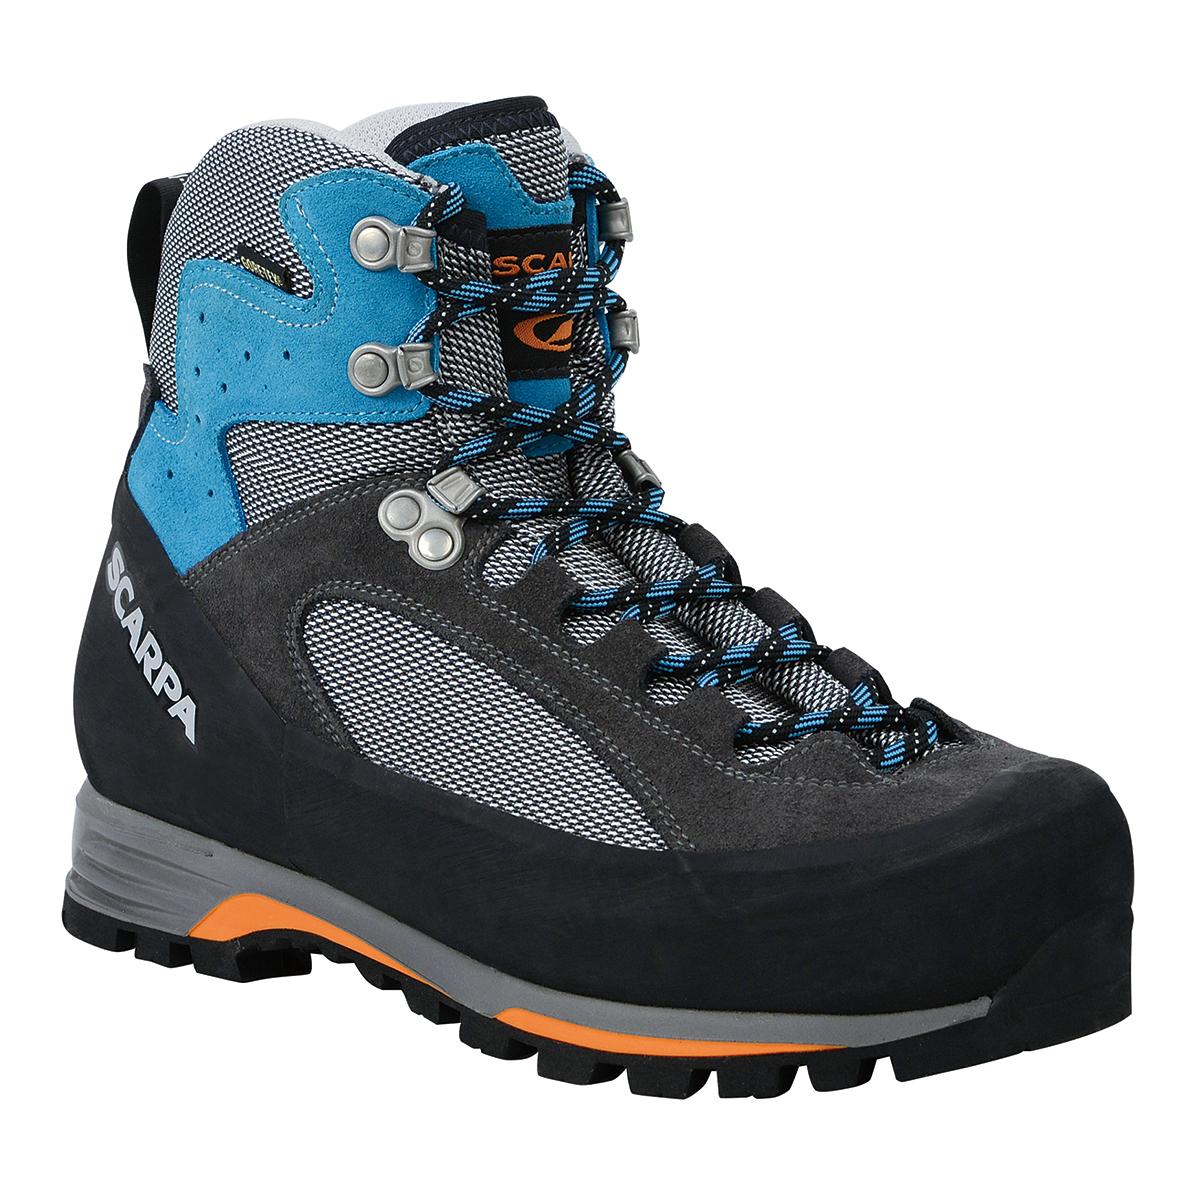 登山靴【SCARPA スカルパ クリスタロGTX ウィメンズ WMN】SC22100 送料無料 女性用